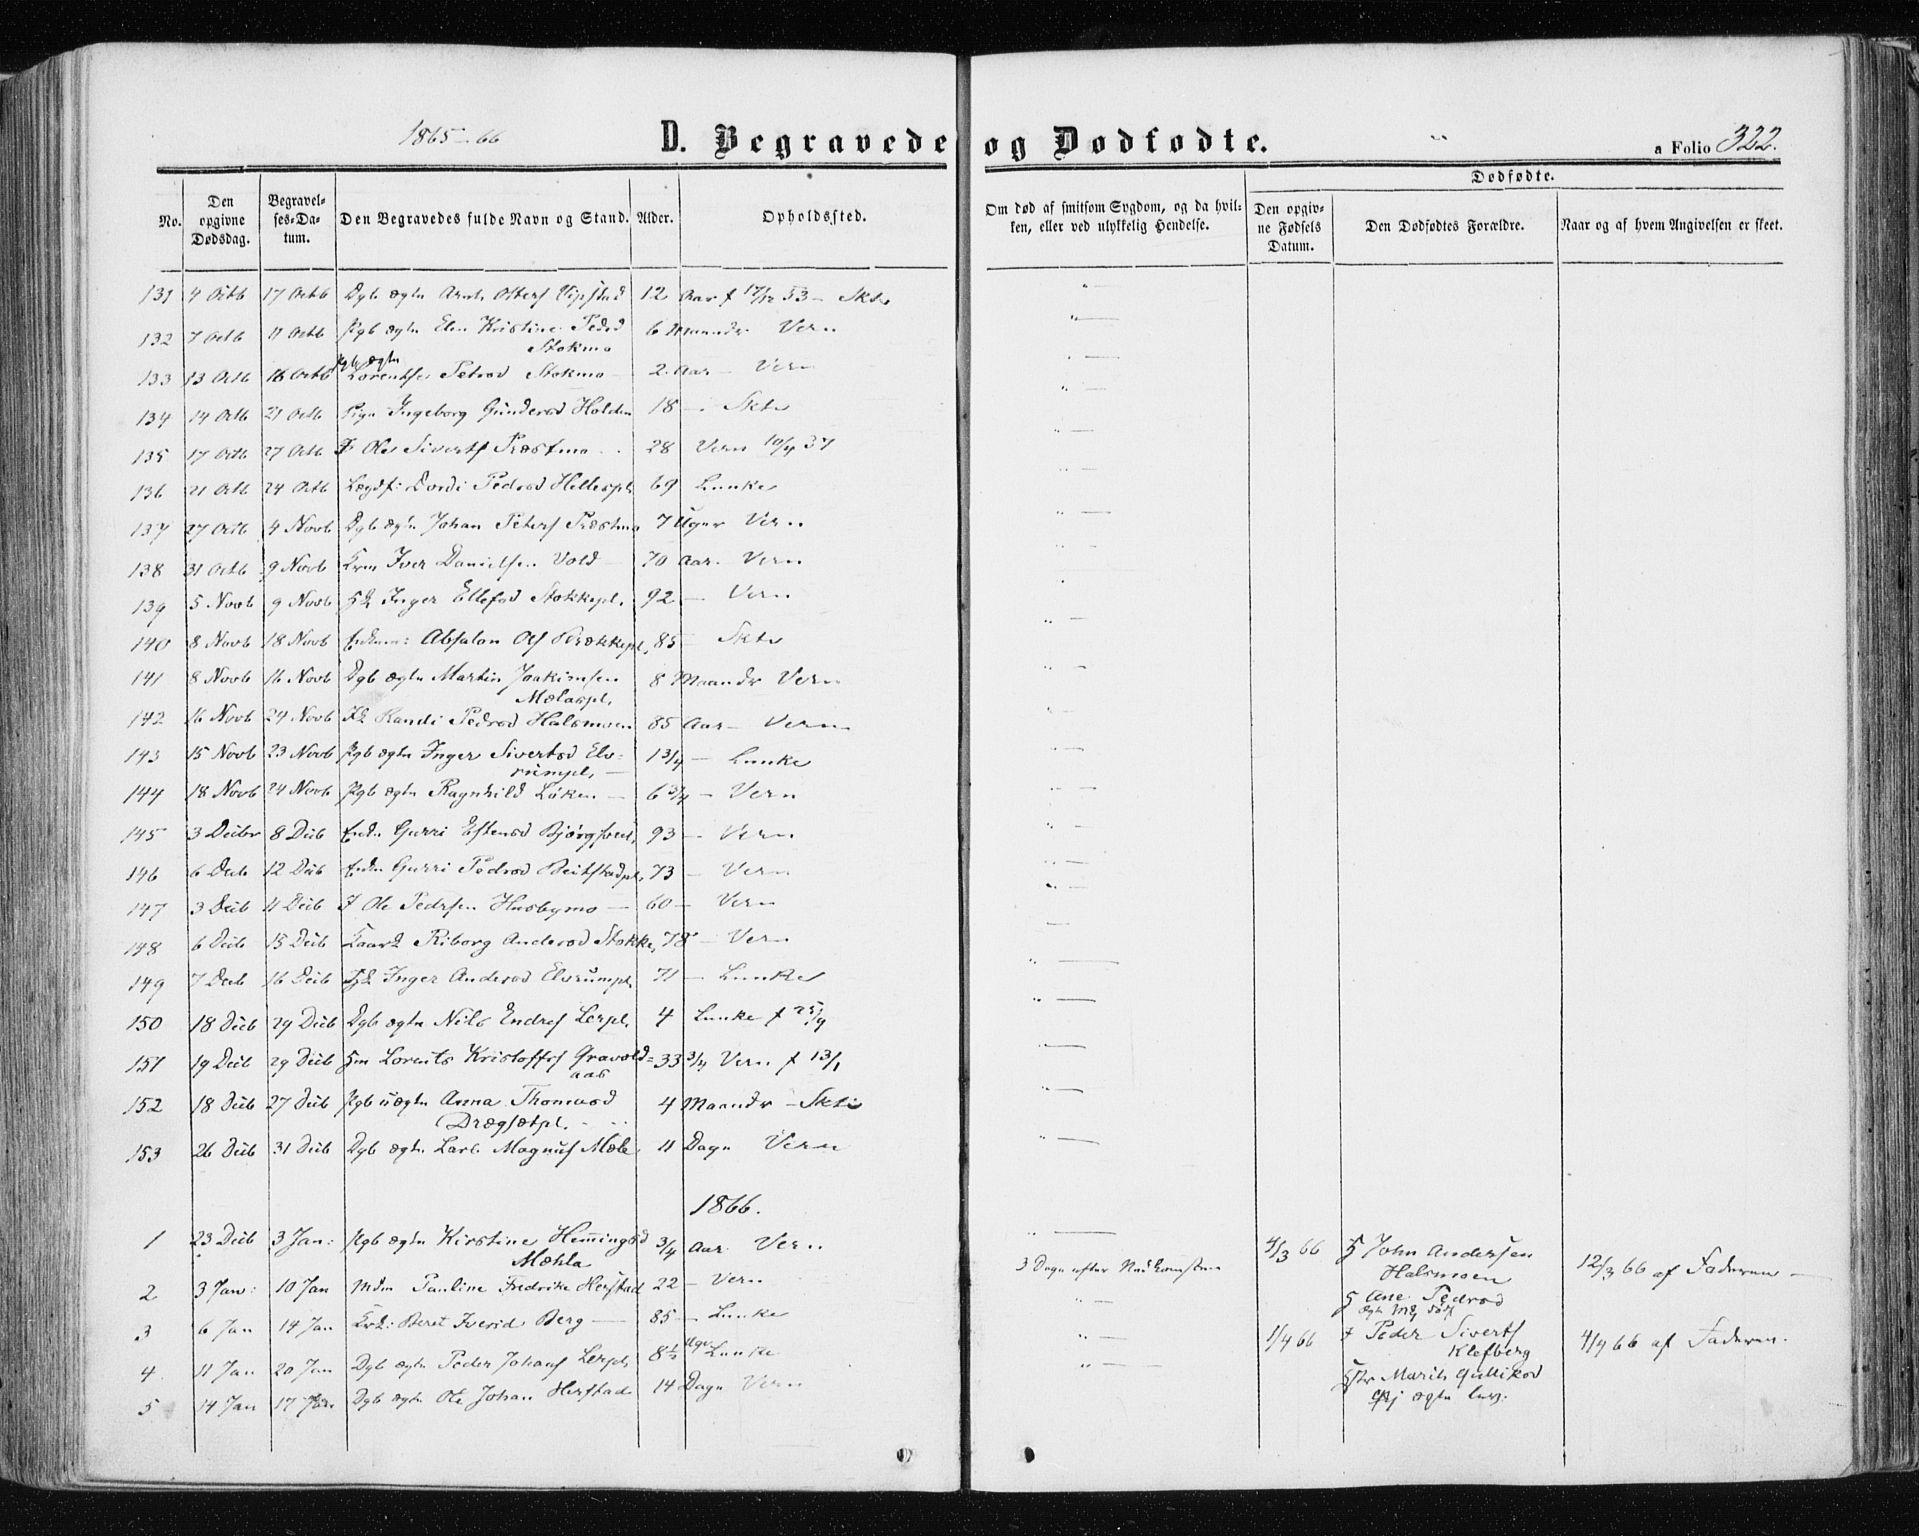 SAT, Ministerialprotokoller, klokkerbøker og fødselsregistre - Nord-Trøndelag, 709/L0075: Ministerialbok nr. 709A15, 1859-1870, s. 322